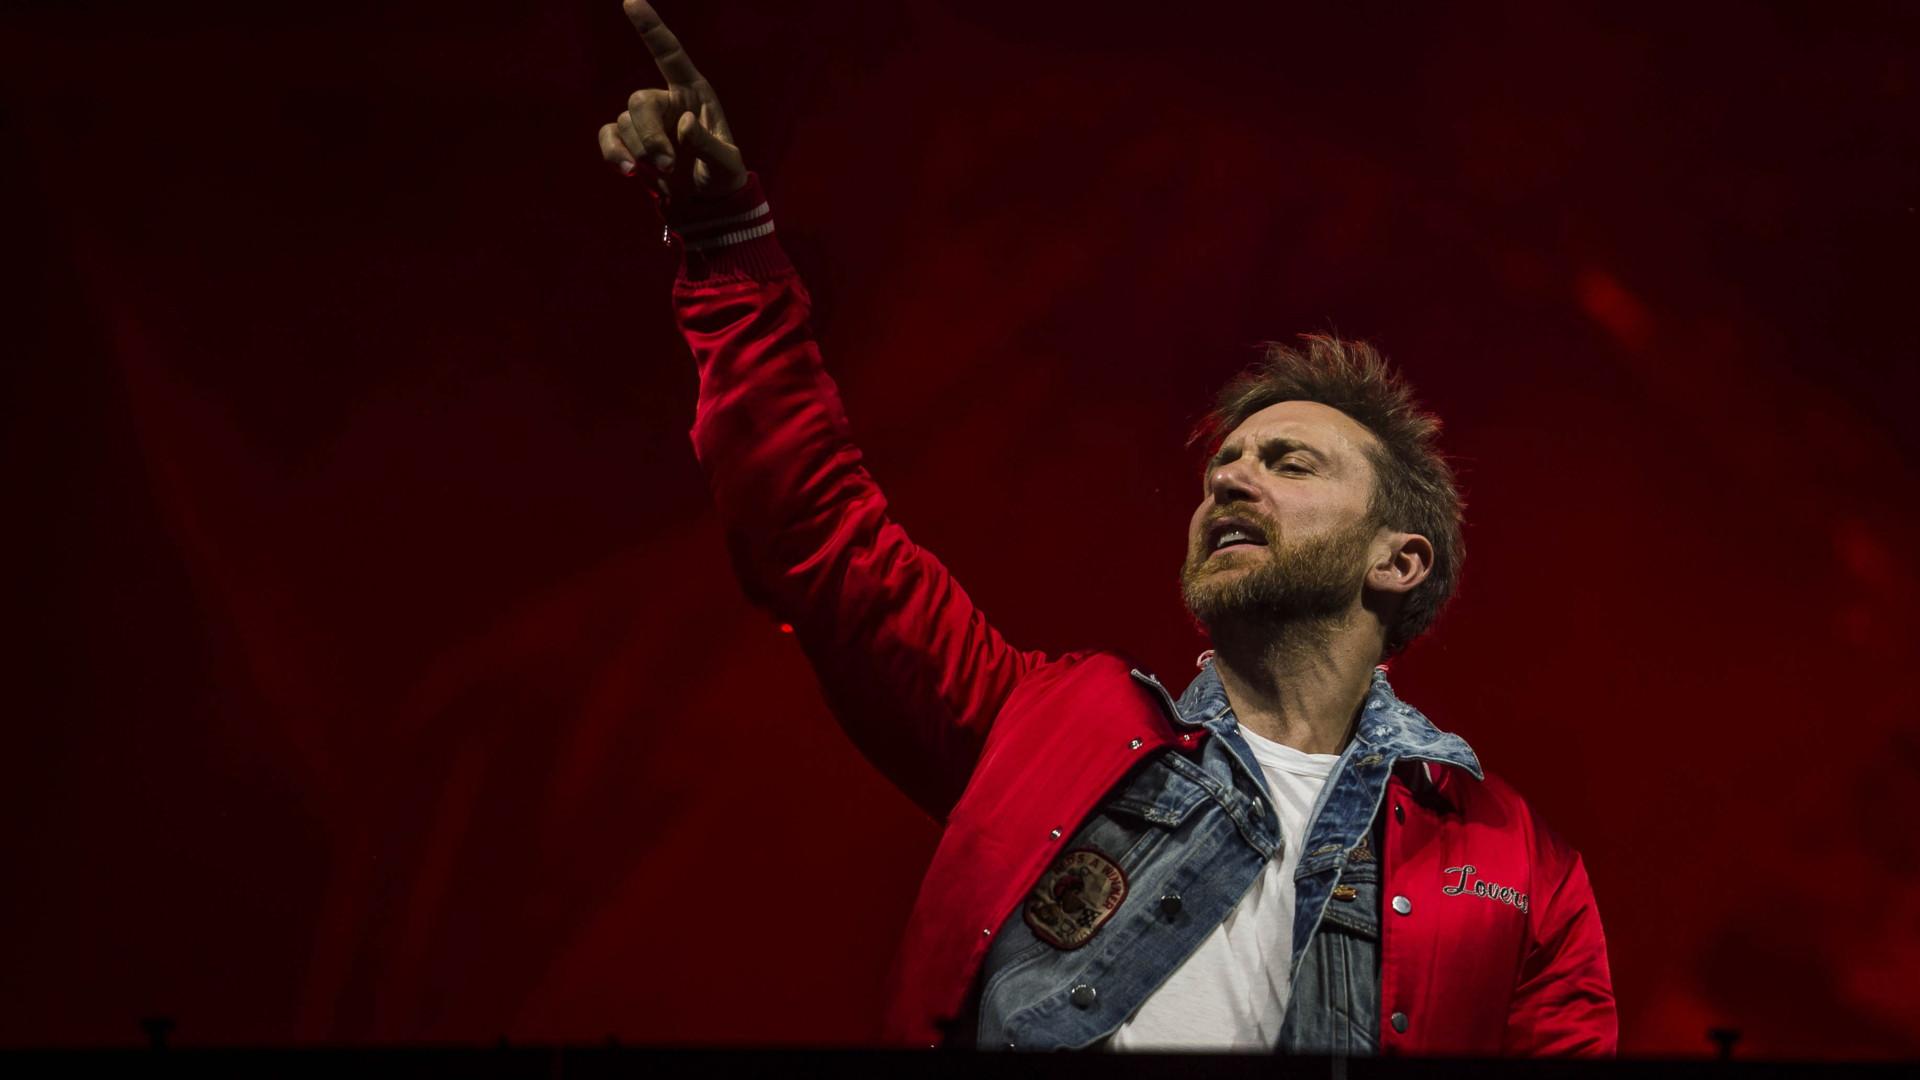 David Guetta sobe ao palco no segundo dia do Festival Marés Vivas